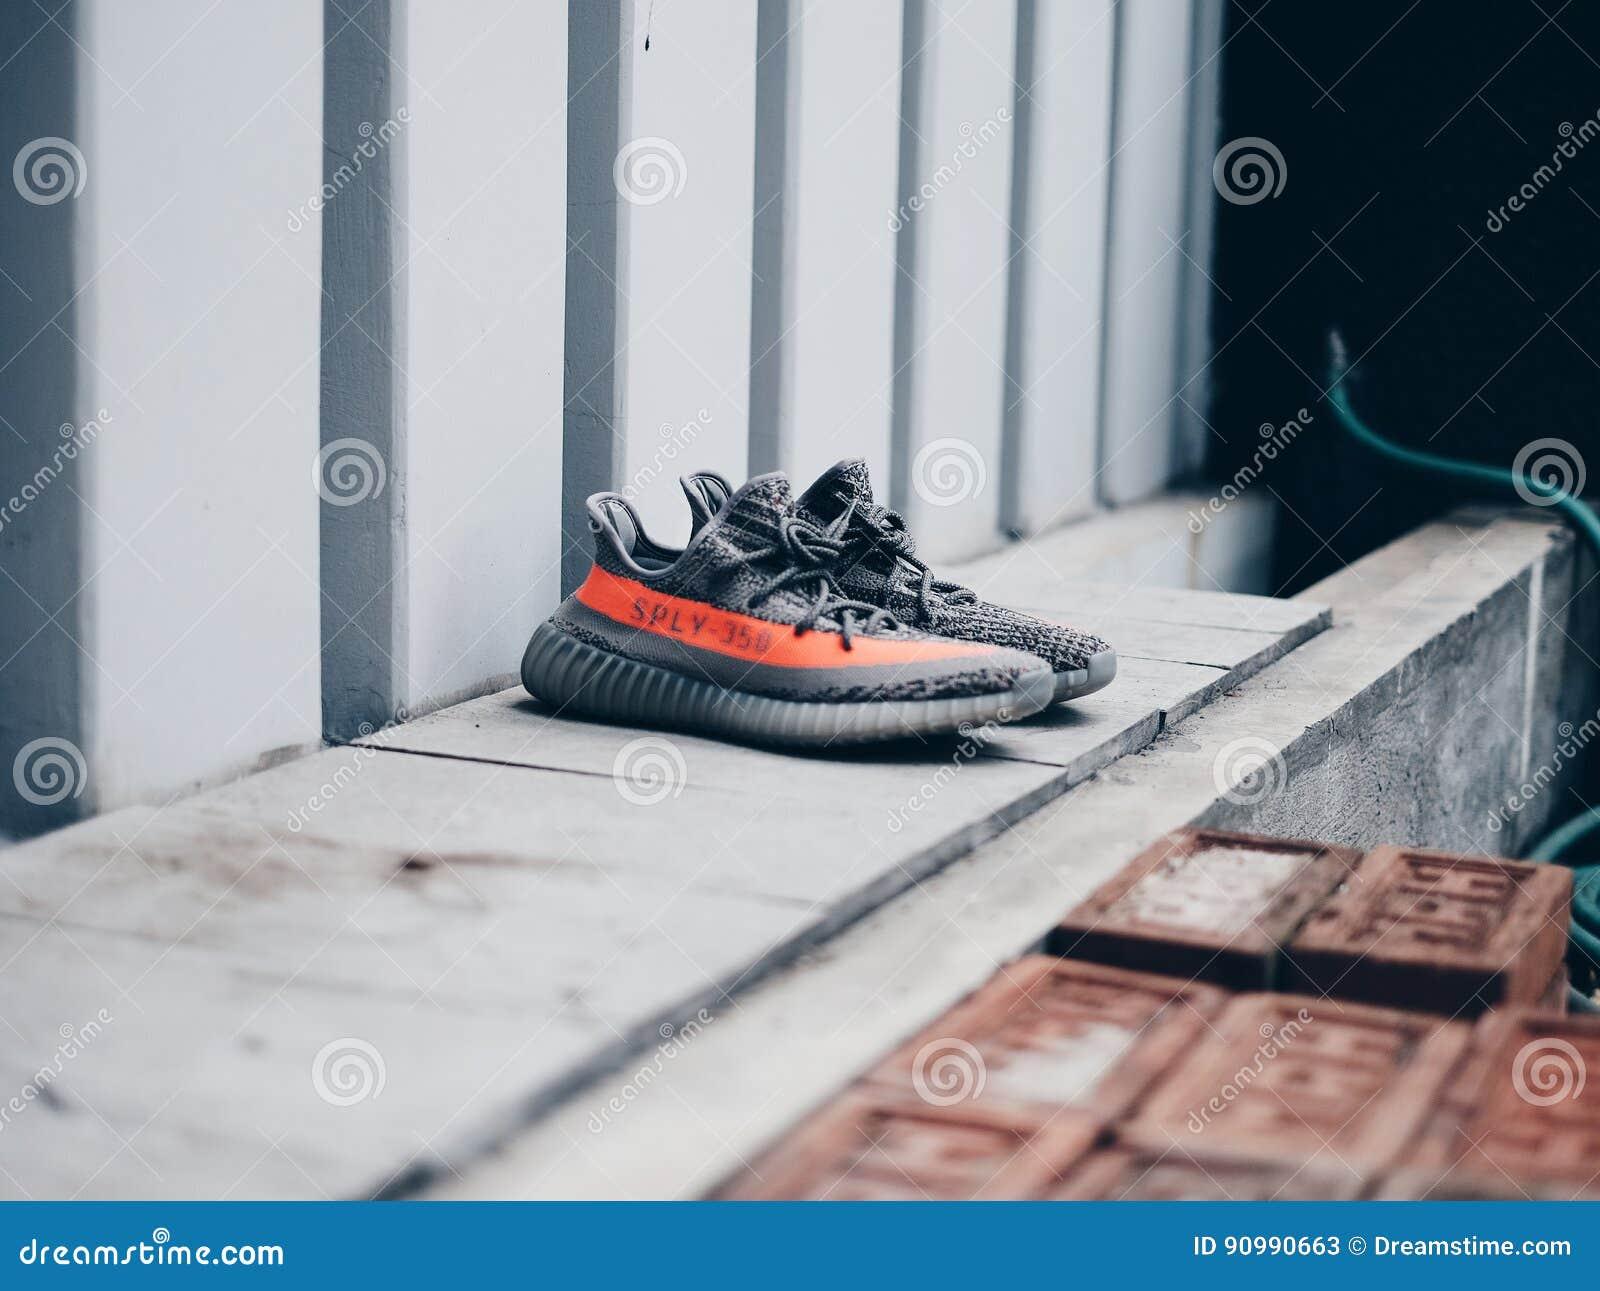 Beluga de Adidas Yeezy v2